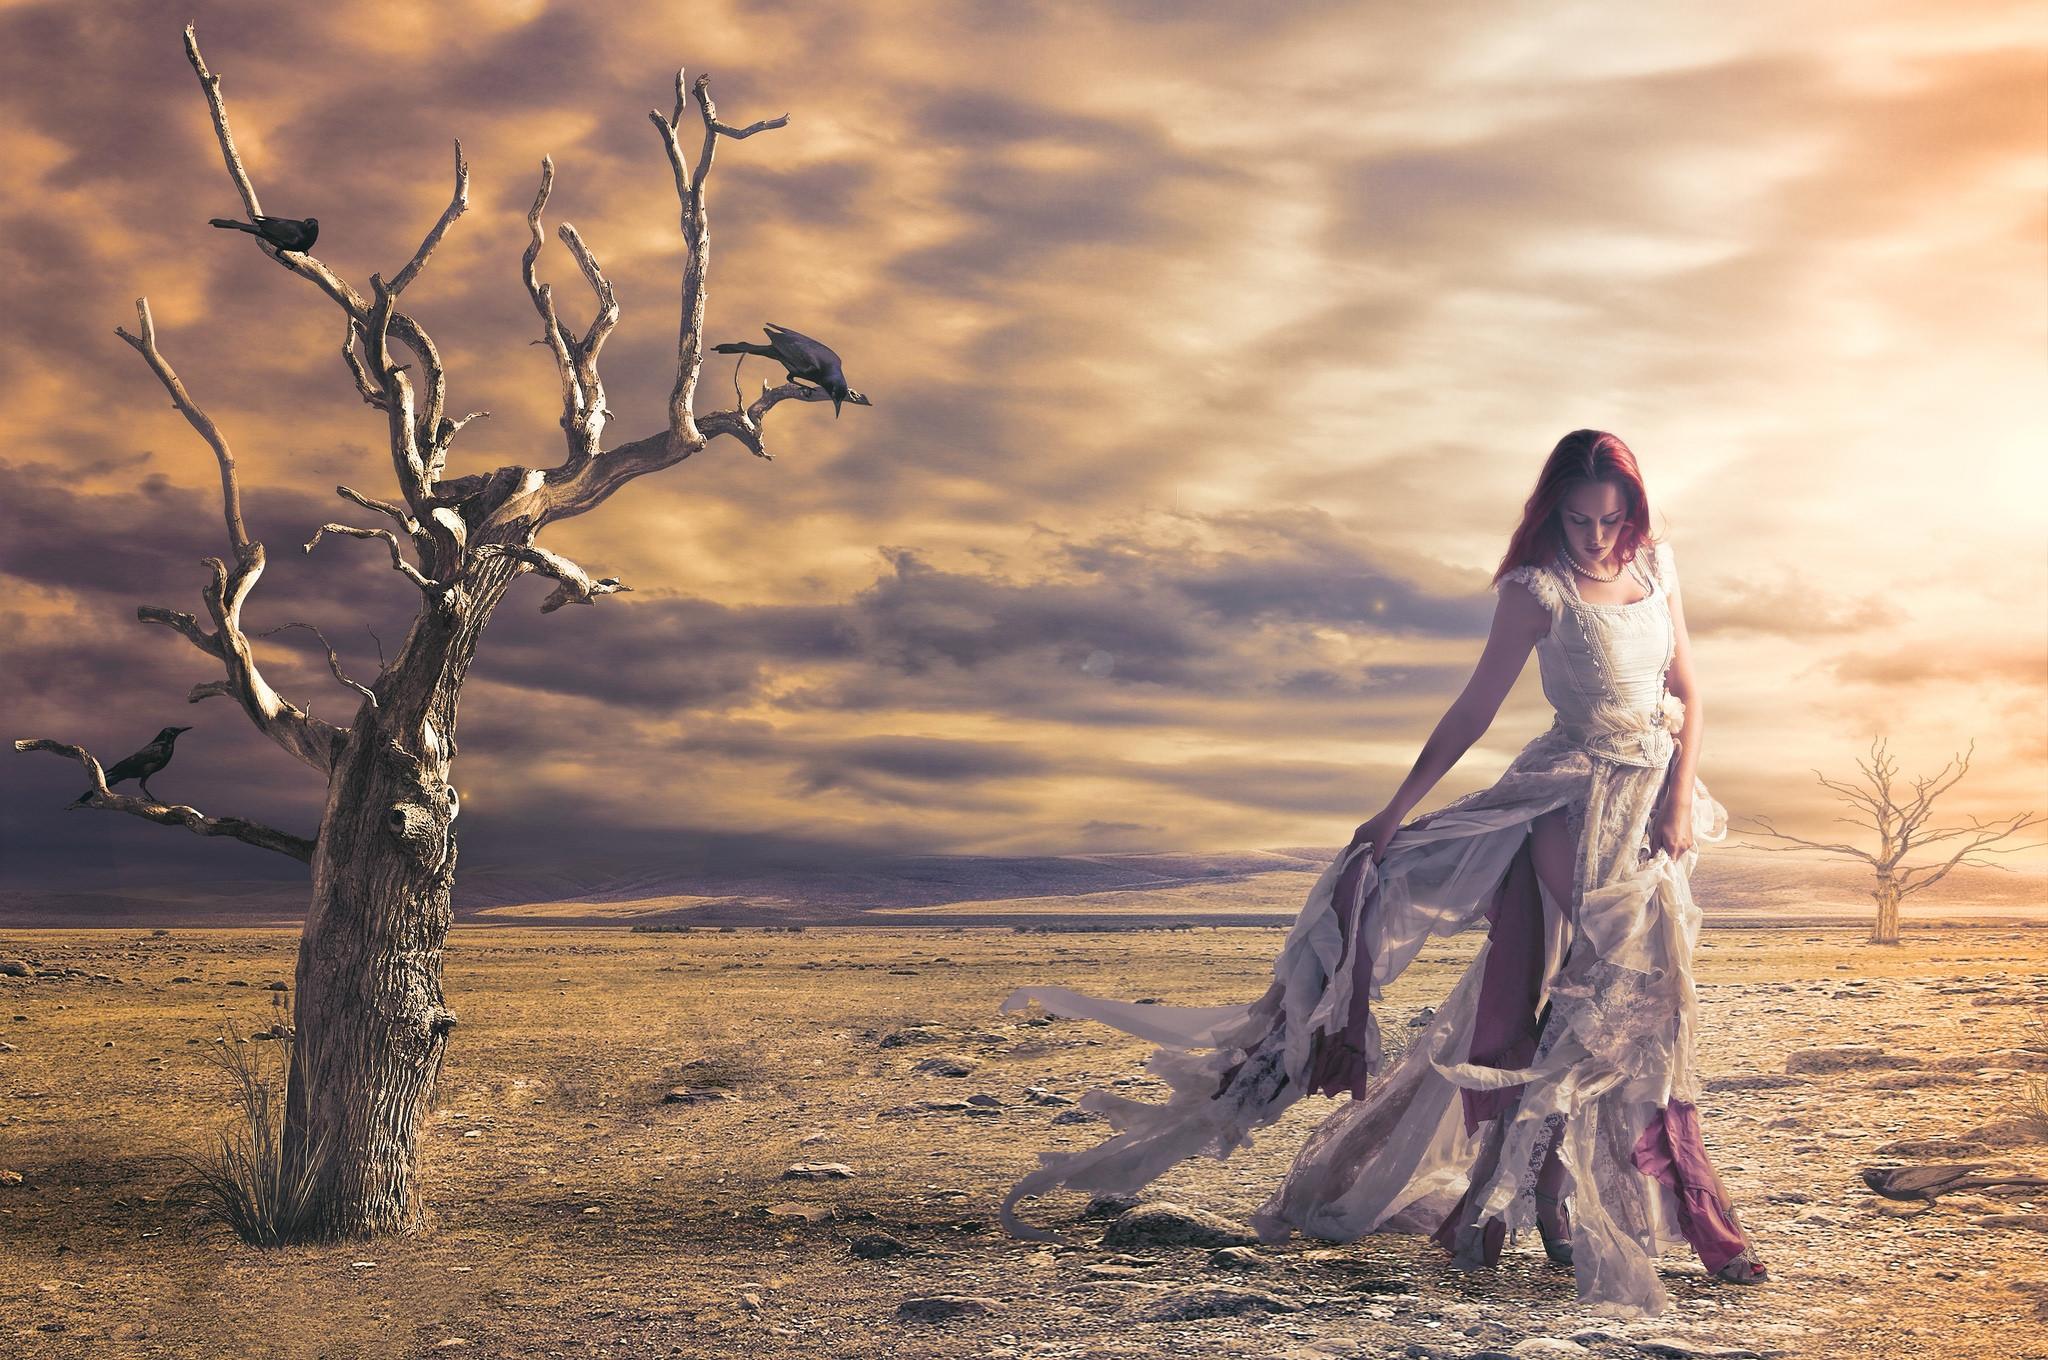 обои закат, поле, пустыня, деревья картинки фото